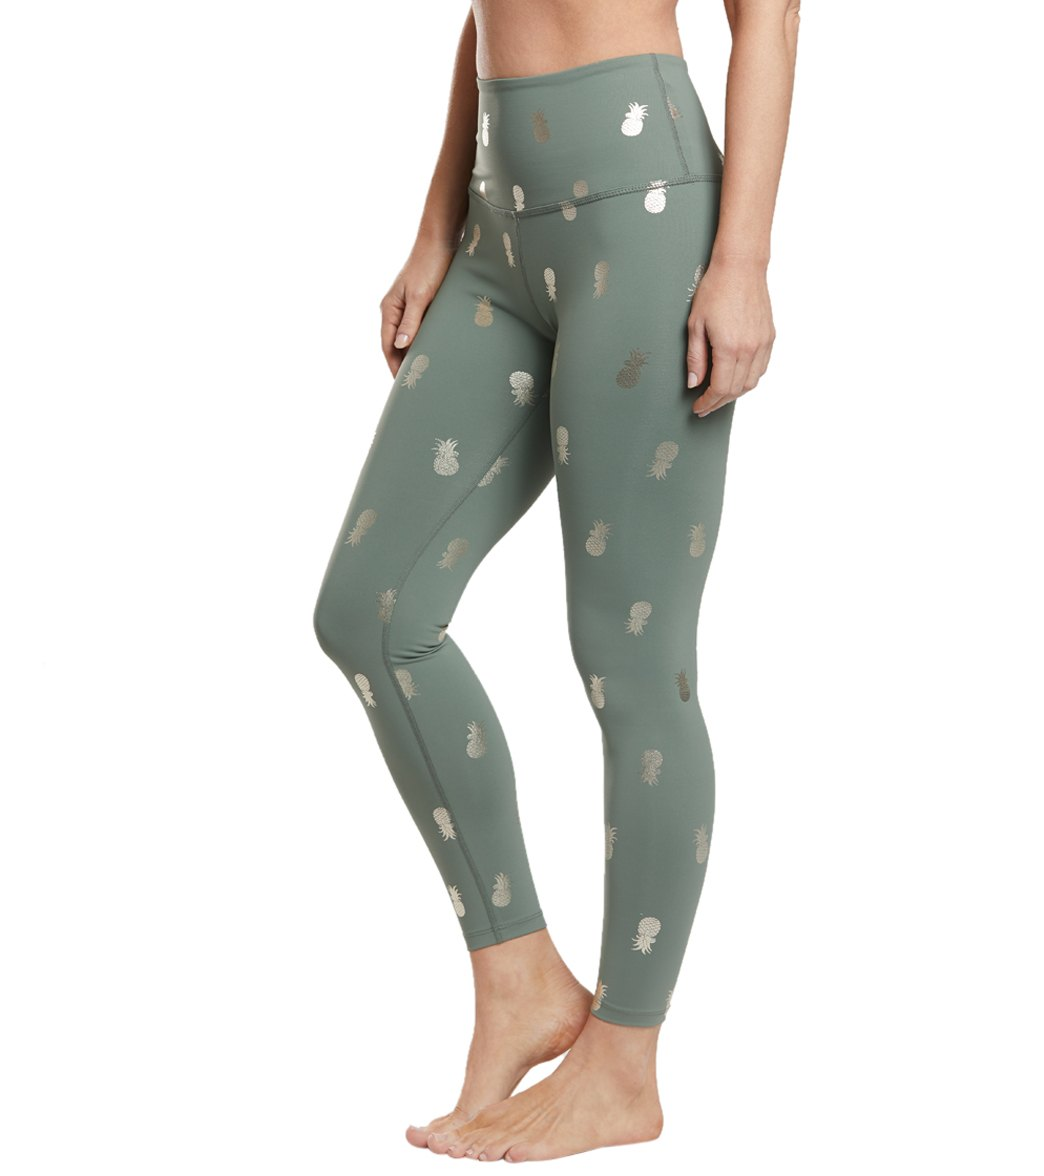 eb92018631e1c Yoga Pants · Leggings · 7/8 Legging. Visit Product Page close X. Loading  photo.